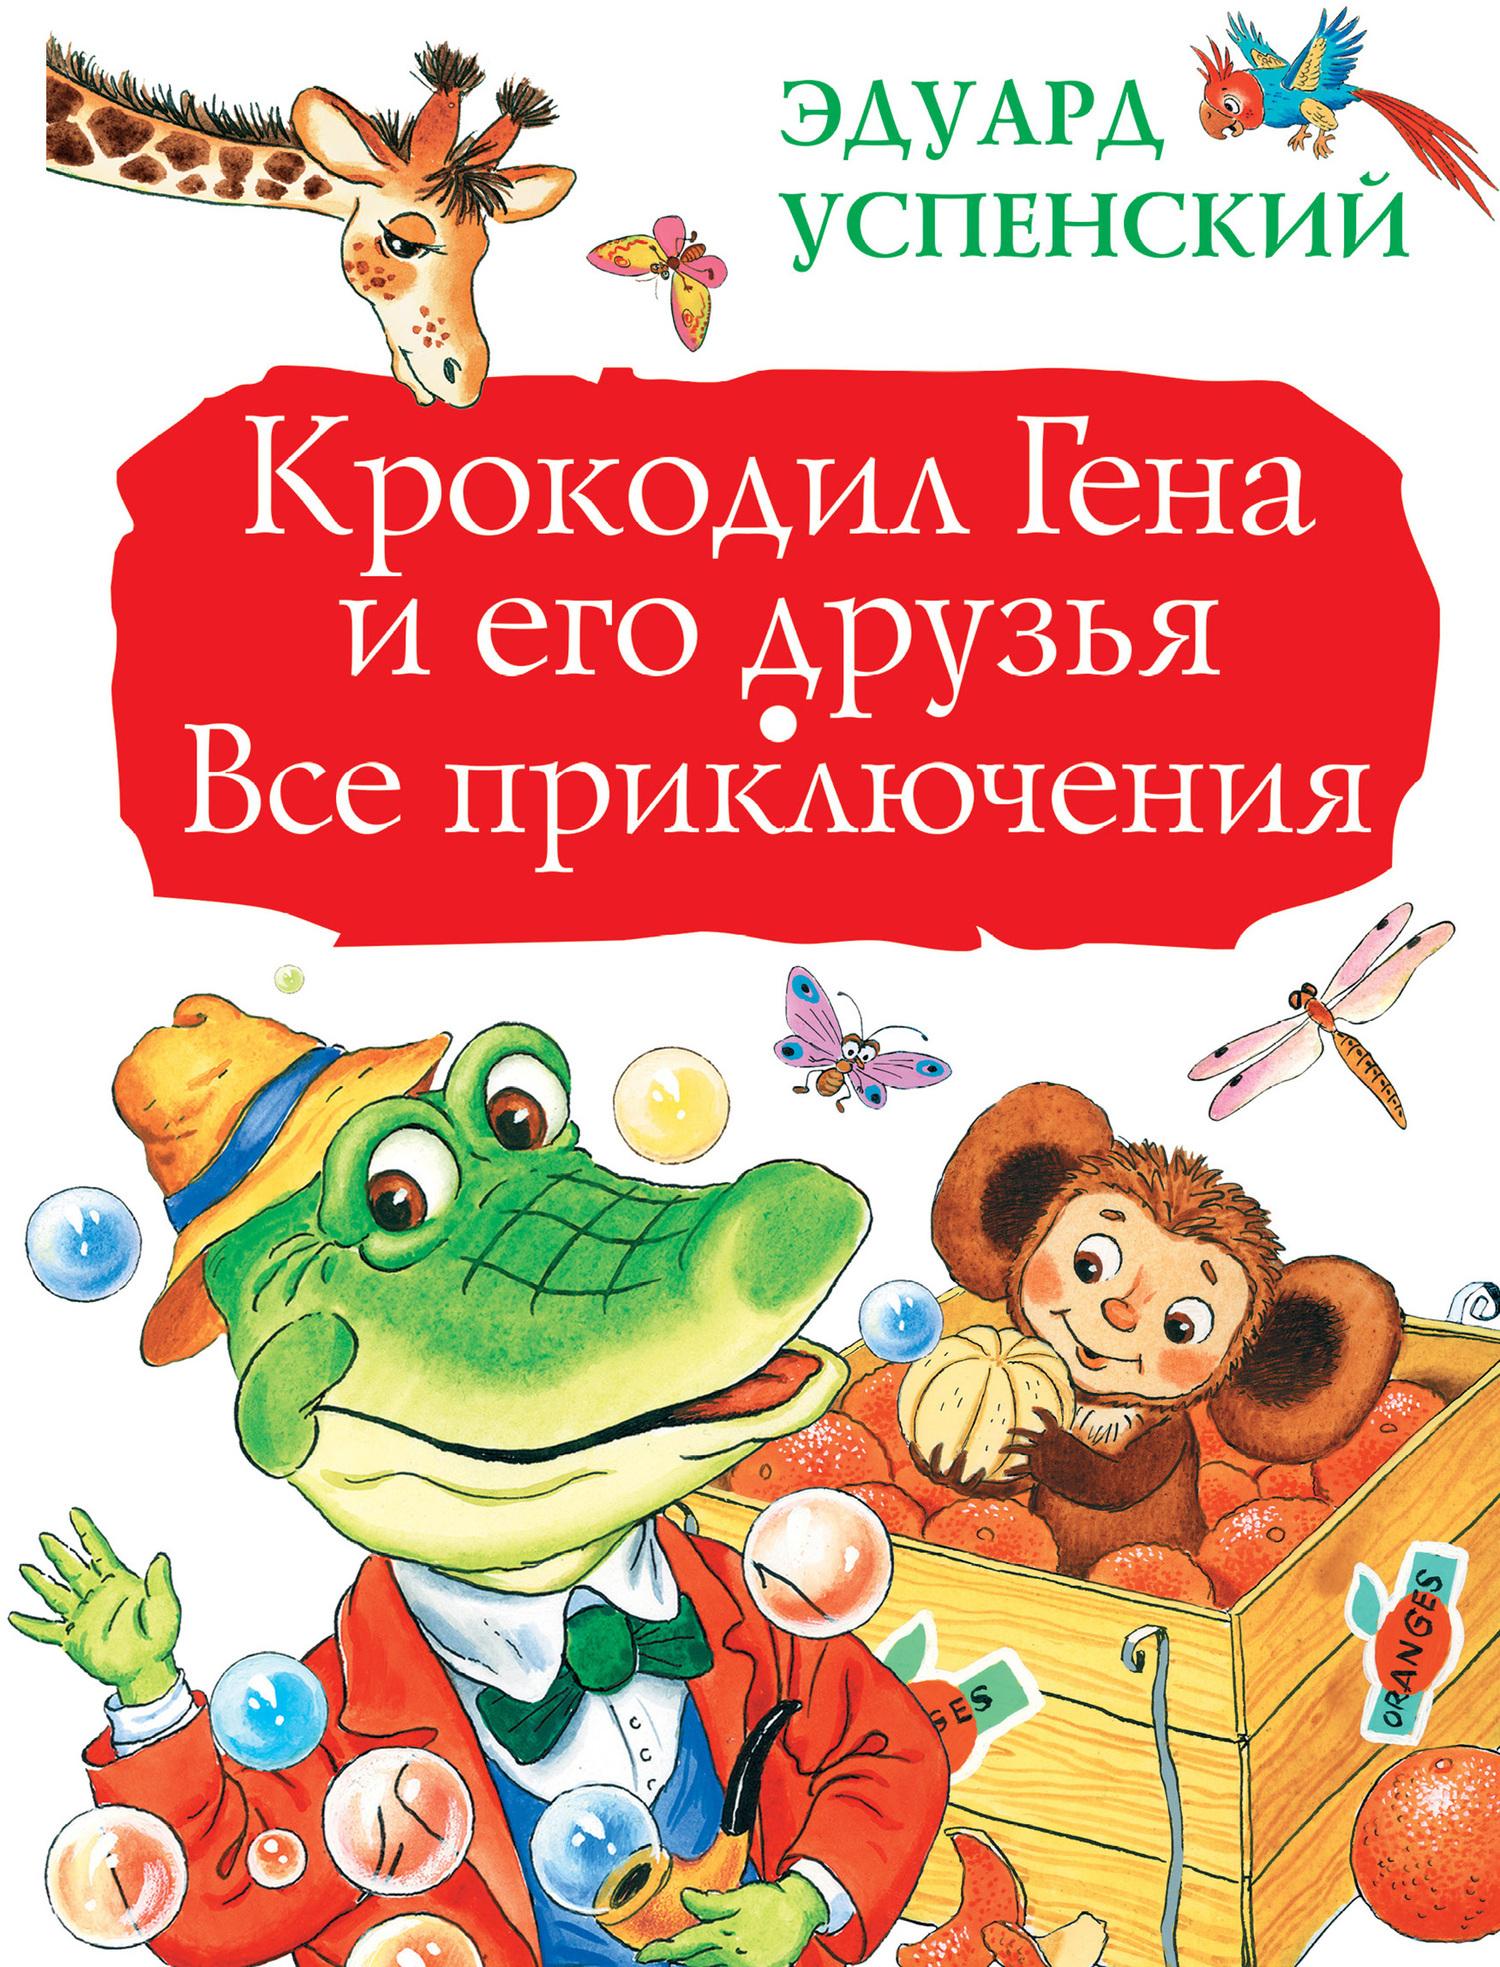 Эдуард Успенский Крокодил Гена и его друзья. Все приключения